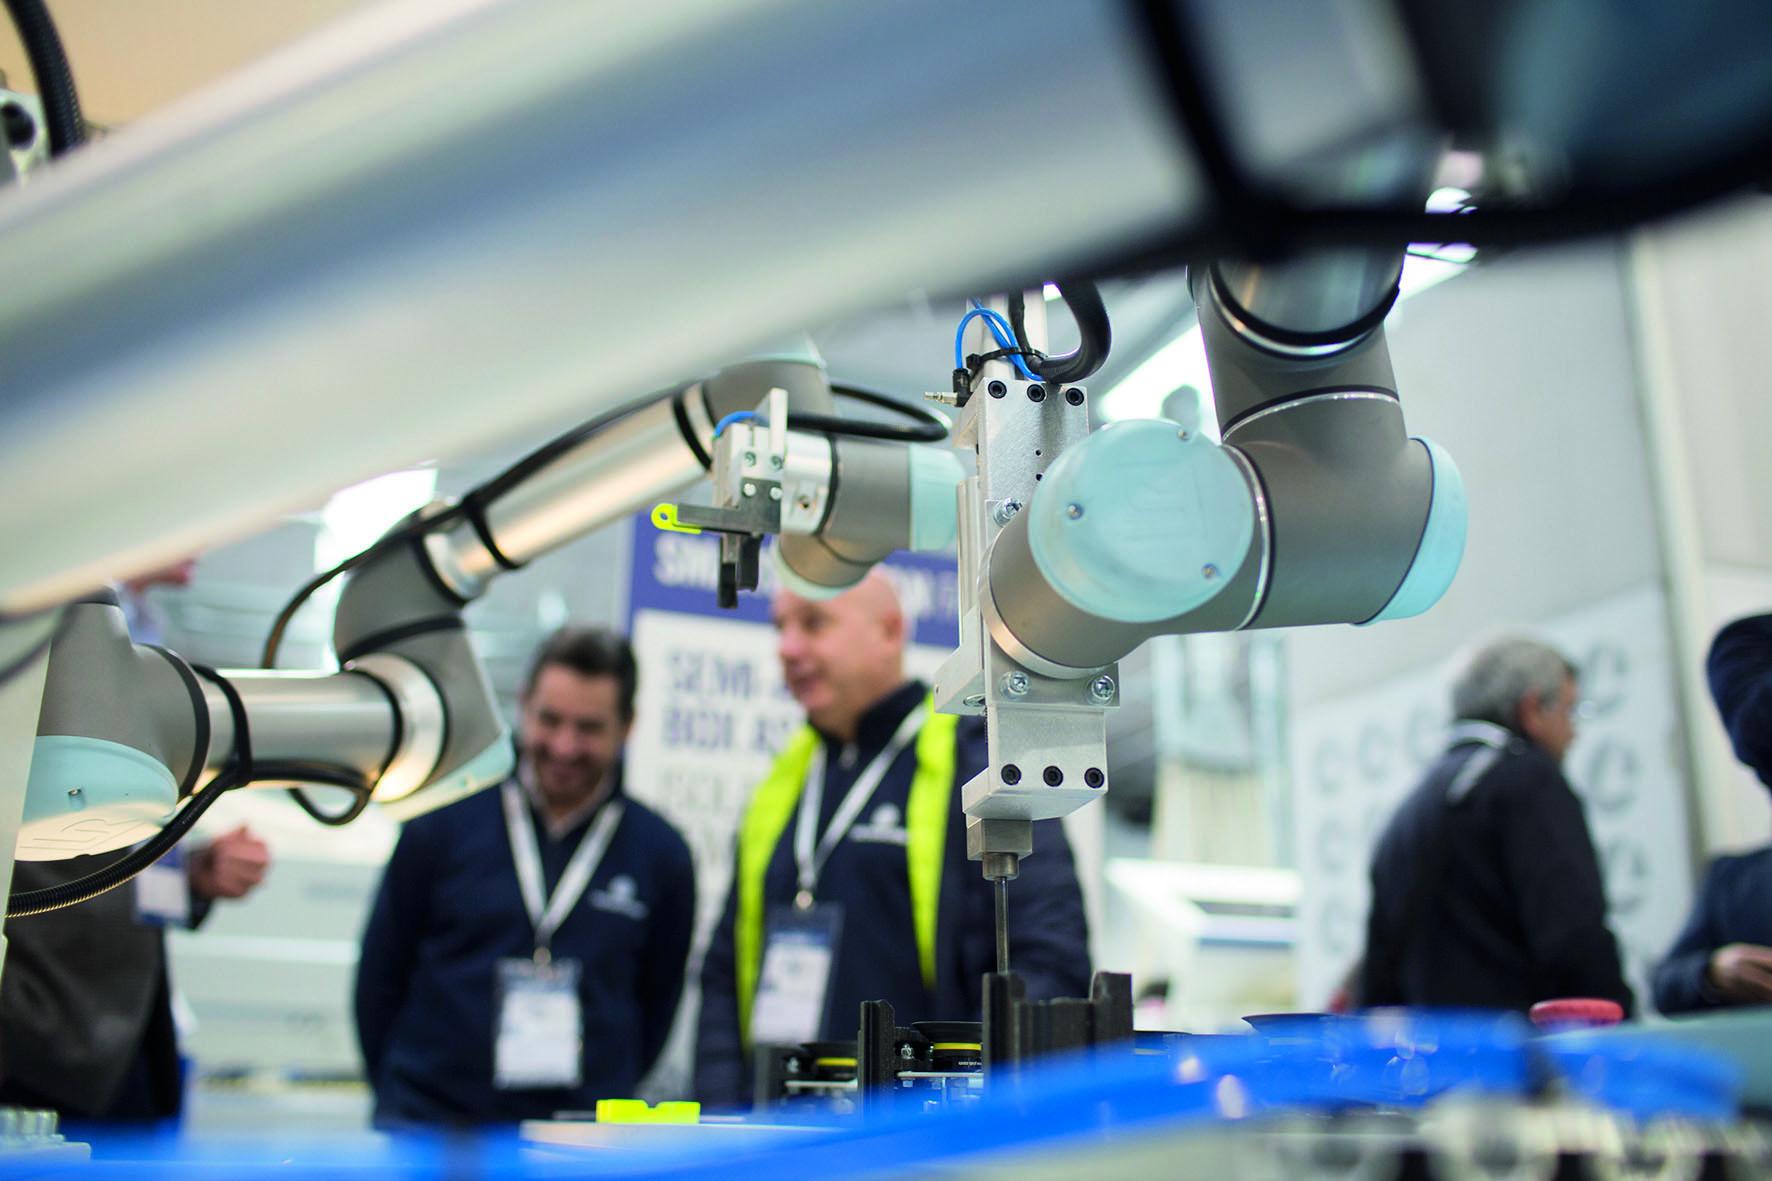 Podczas targów zostaną zaprezentowane roboty o różnym przeznaczeniu i konstrukcji.                                                                                                                                                                                            Fot. SCM